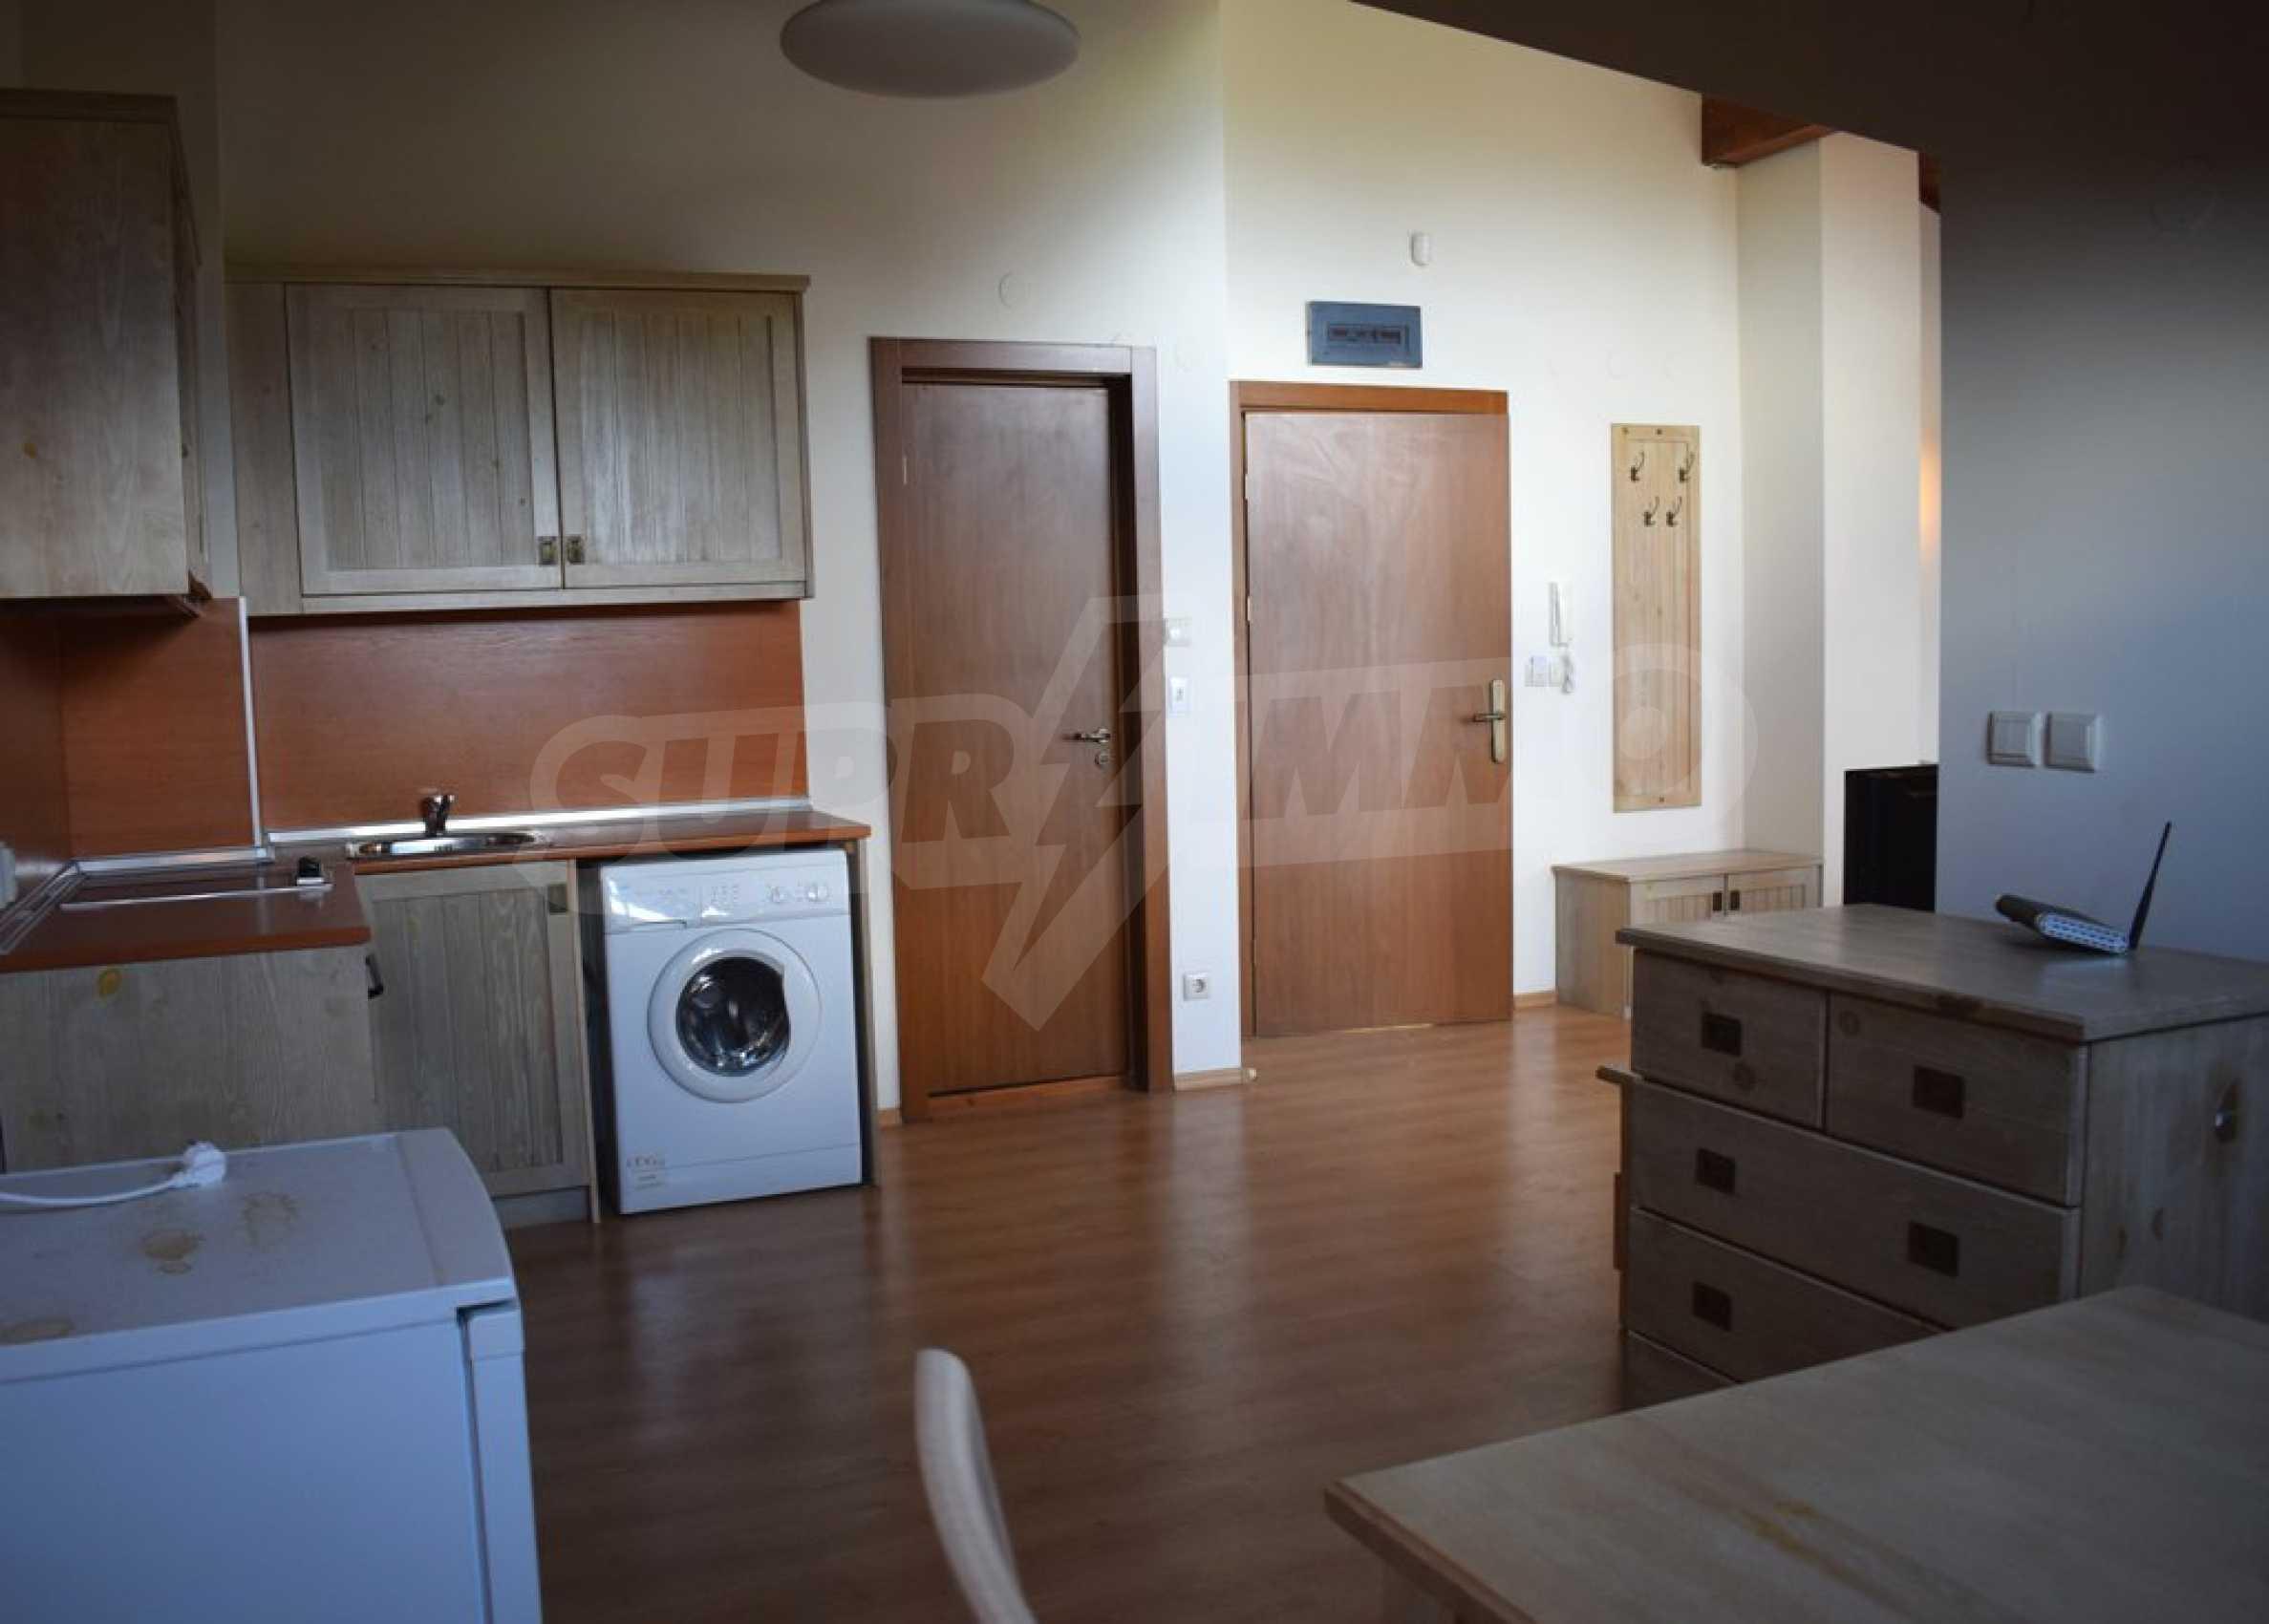 Двустаен апартамент в близост до голф игрище в района на Банско и Разлог 4